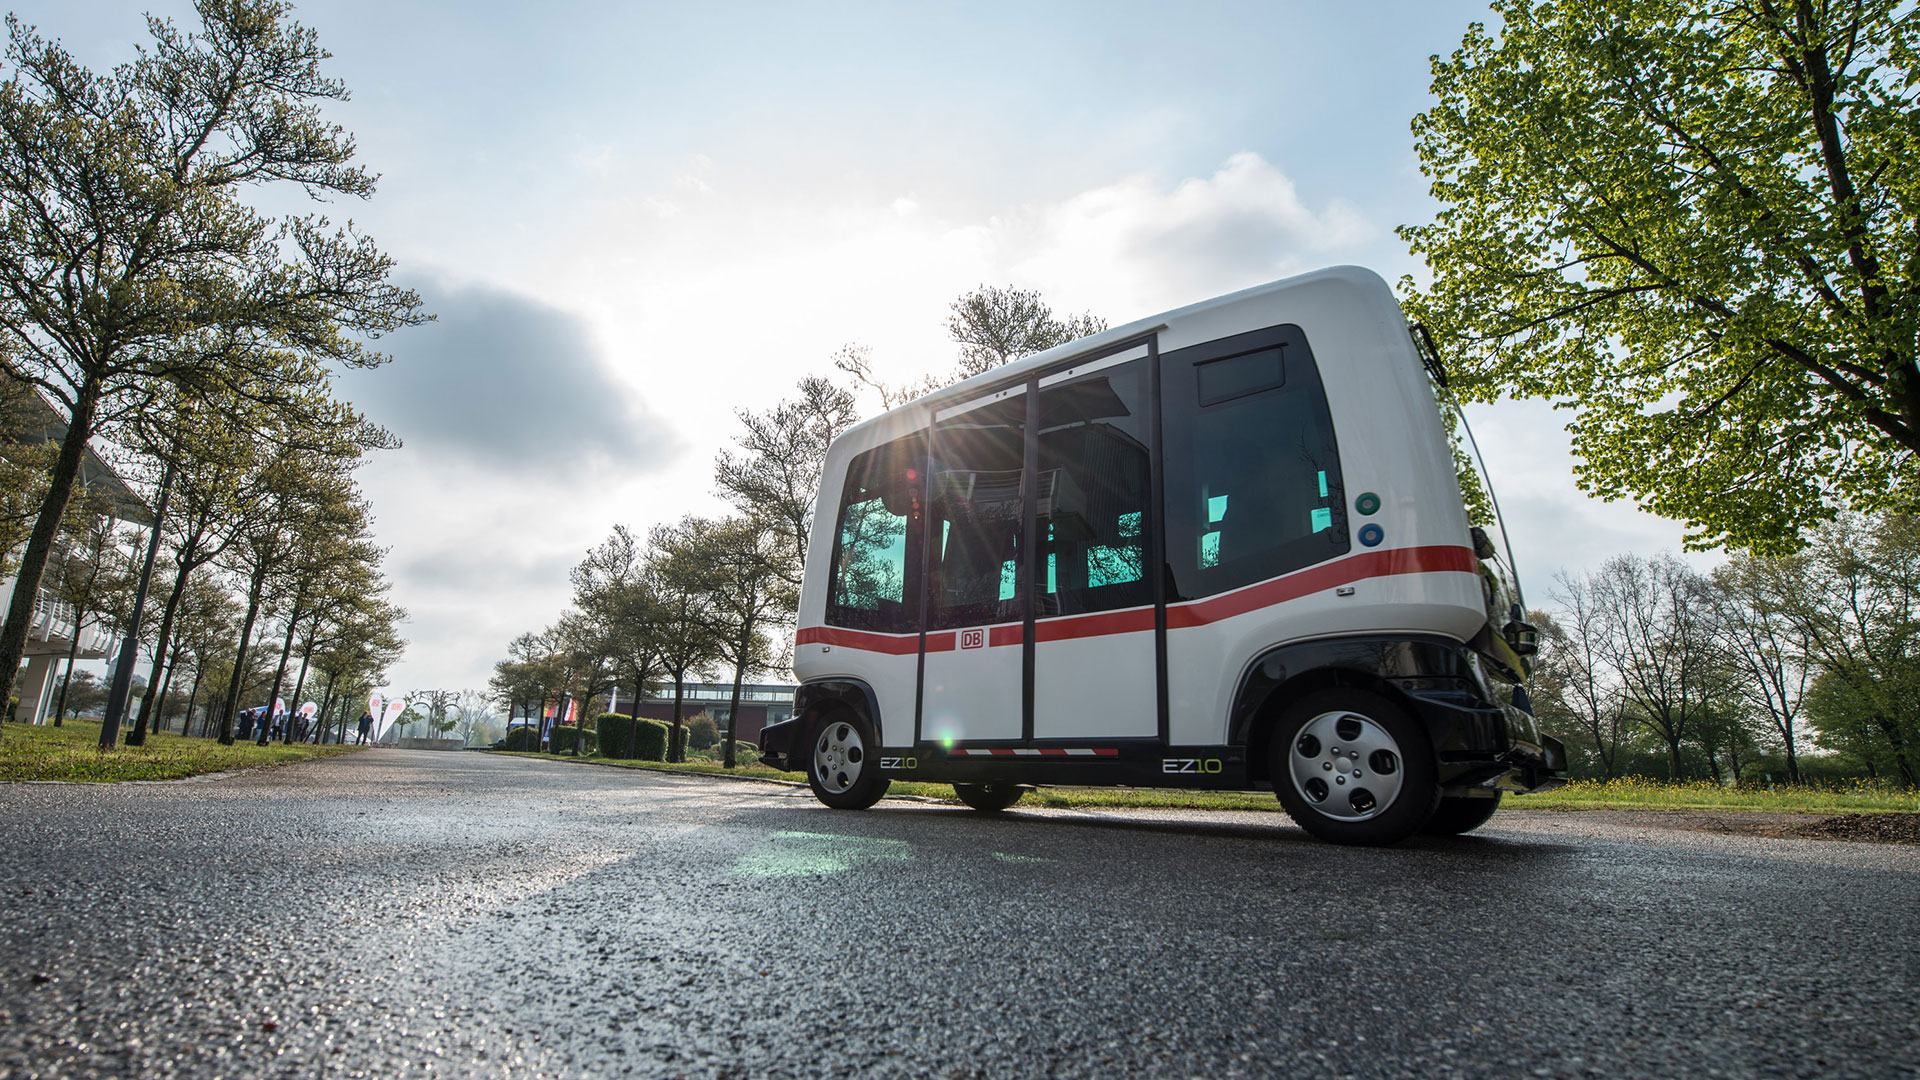 Ein autonom fahrender Bus in Bad Birnbach (Bayern) auf einer Teststrecke